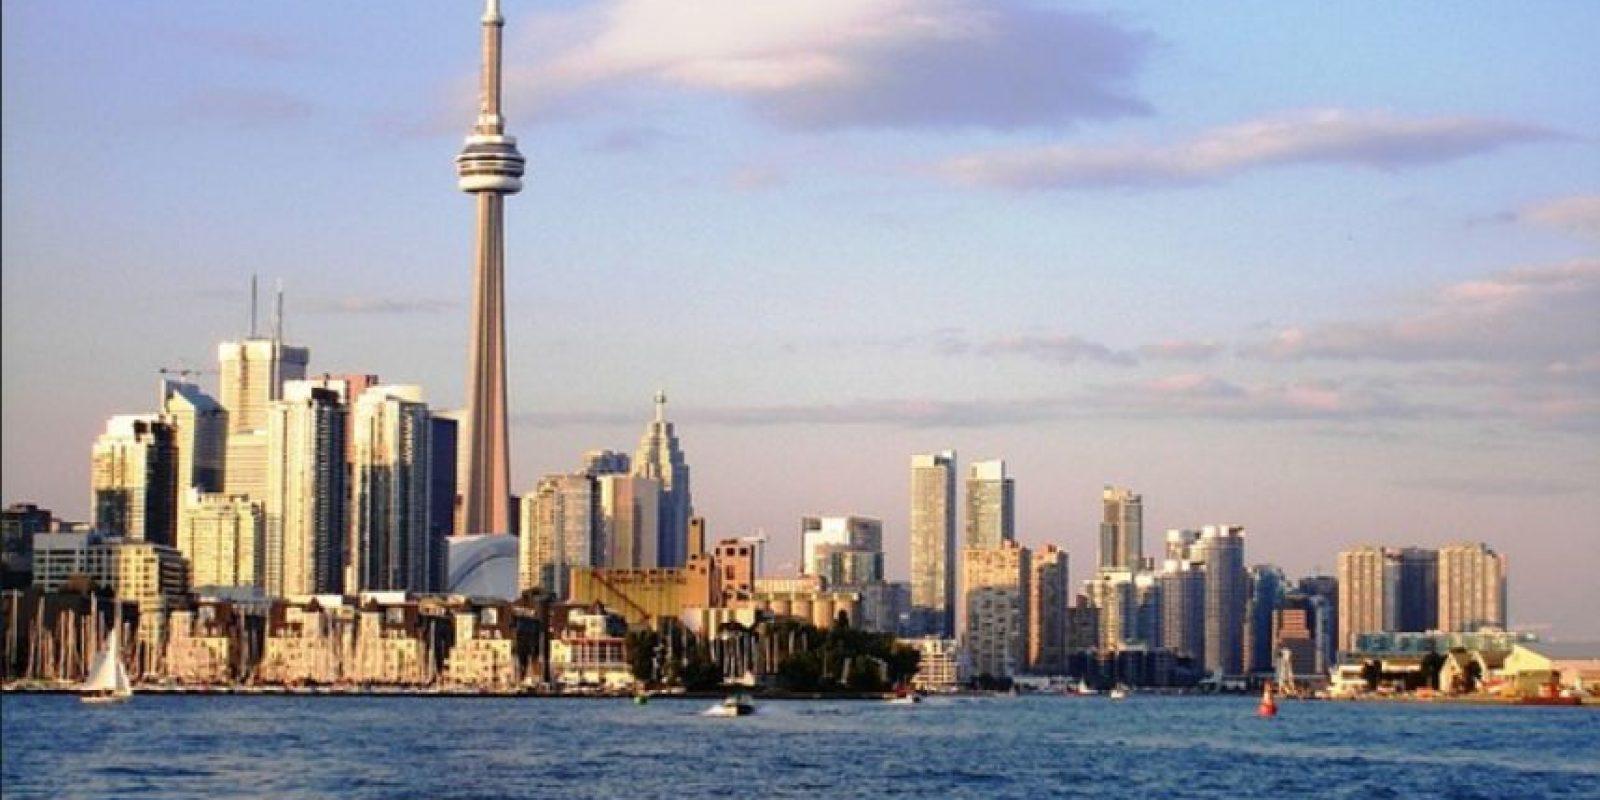 Con este nuevo programa el gobierno busca que los inmigrantes cualificados sean capaces de establecerse en Canadá. Foto:Vía pixabay.com. Imagen Por: